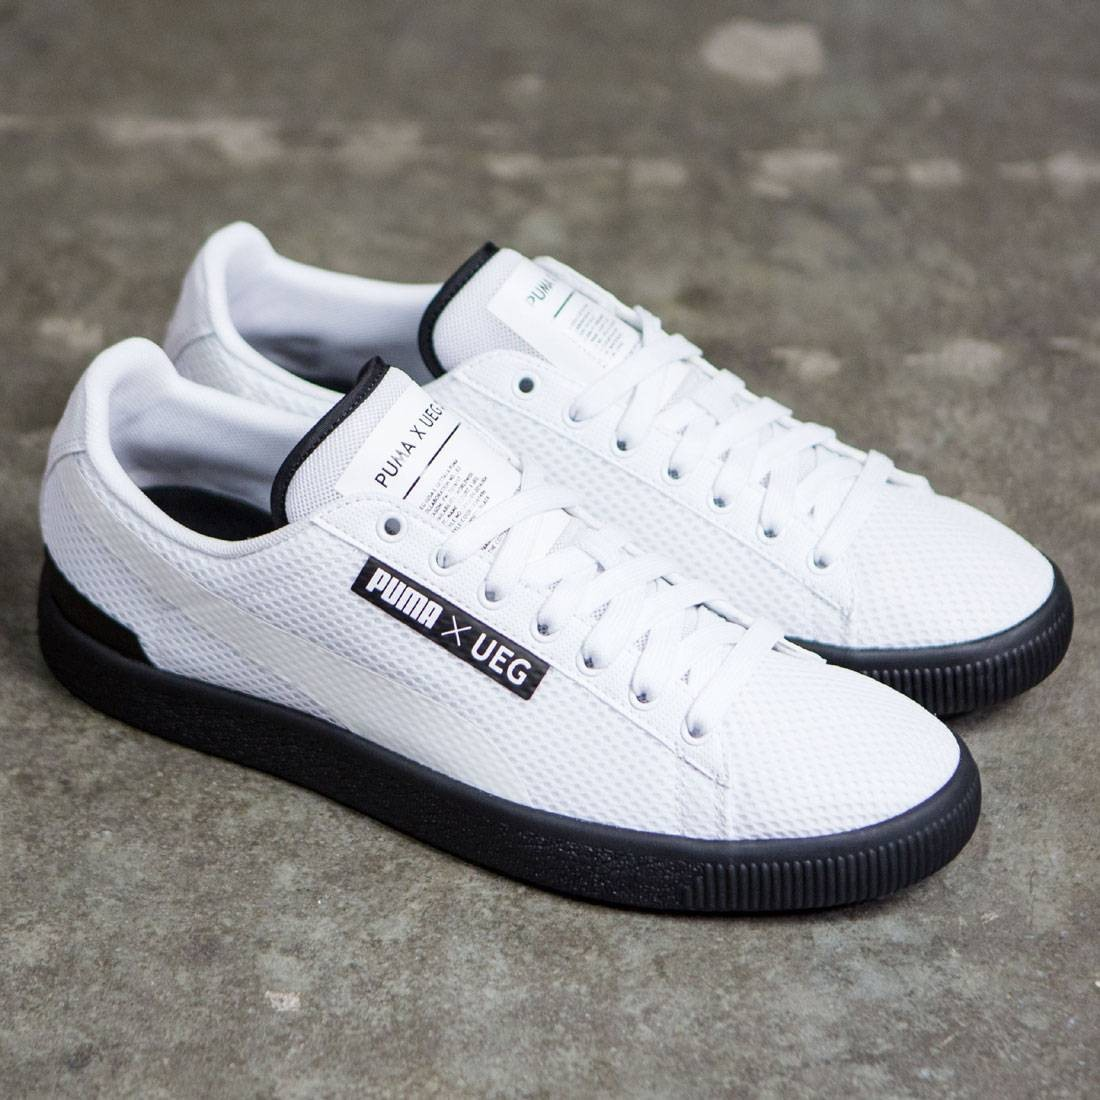 Puma x UEG Men Court (white   black) 9f840c17f